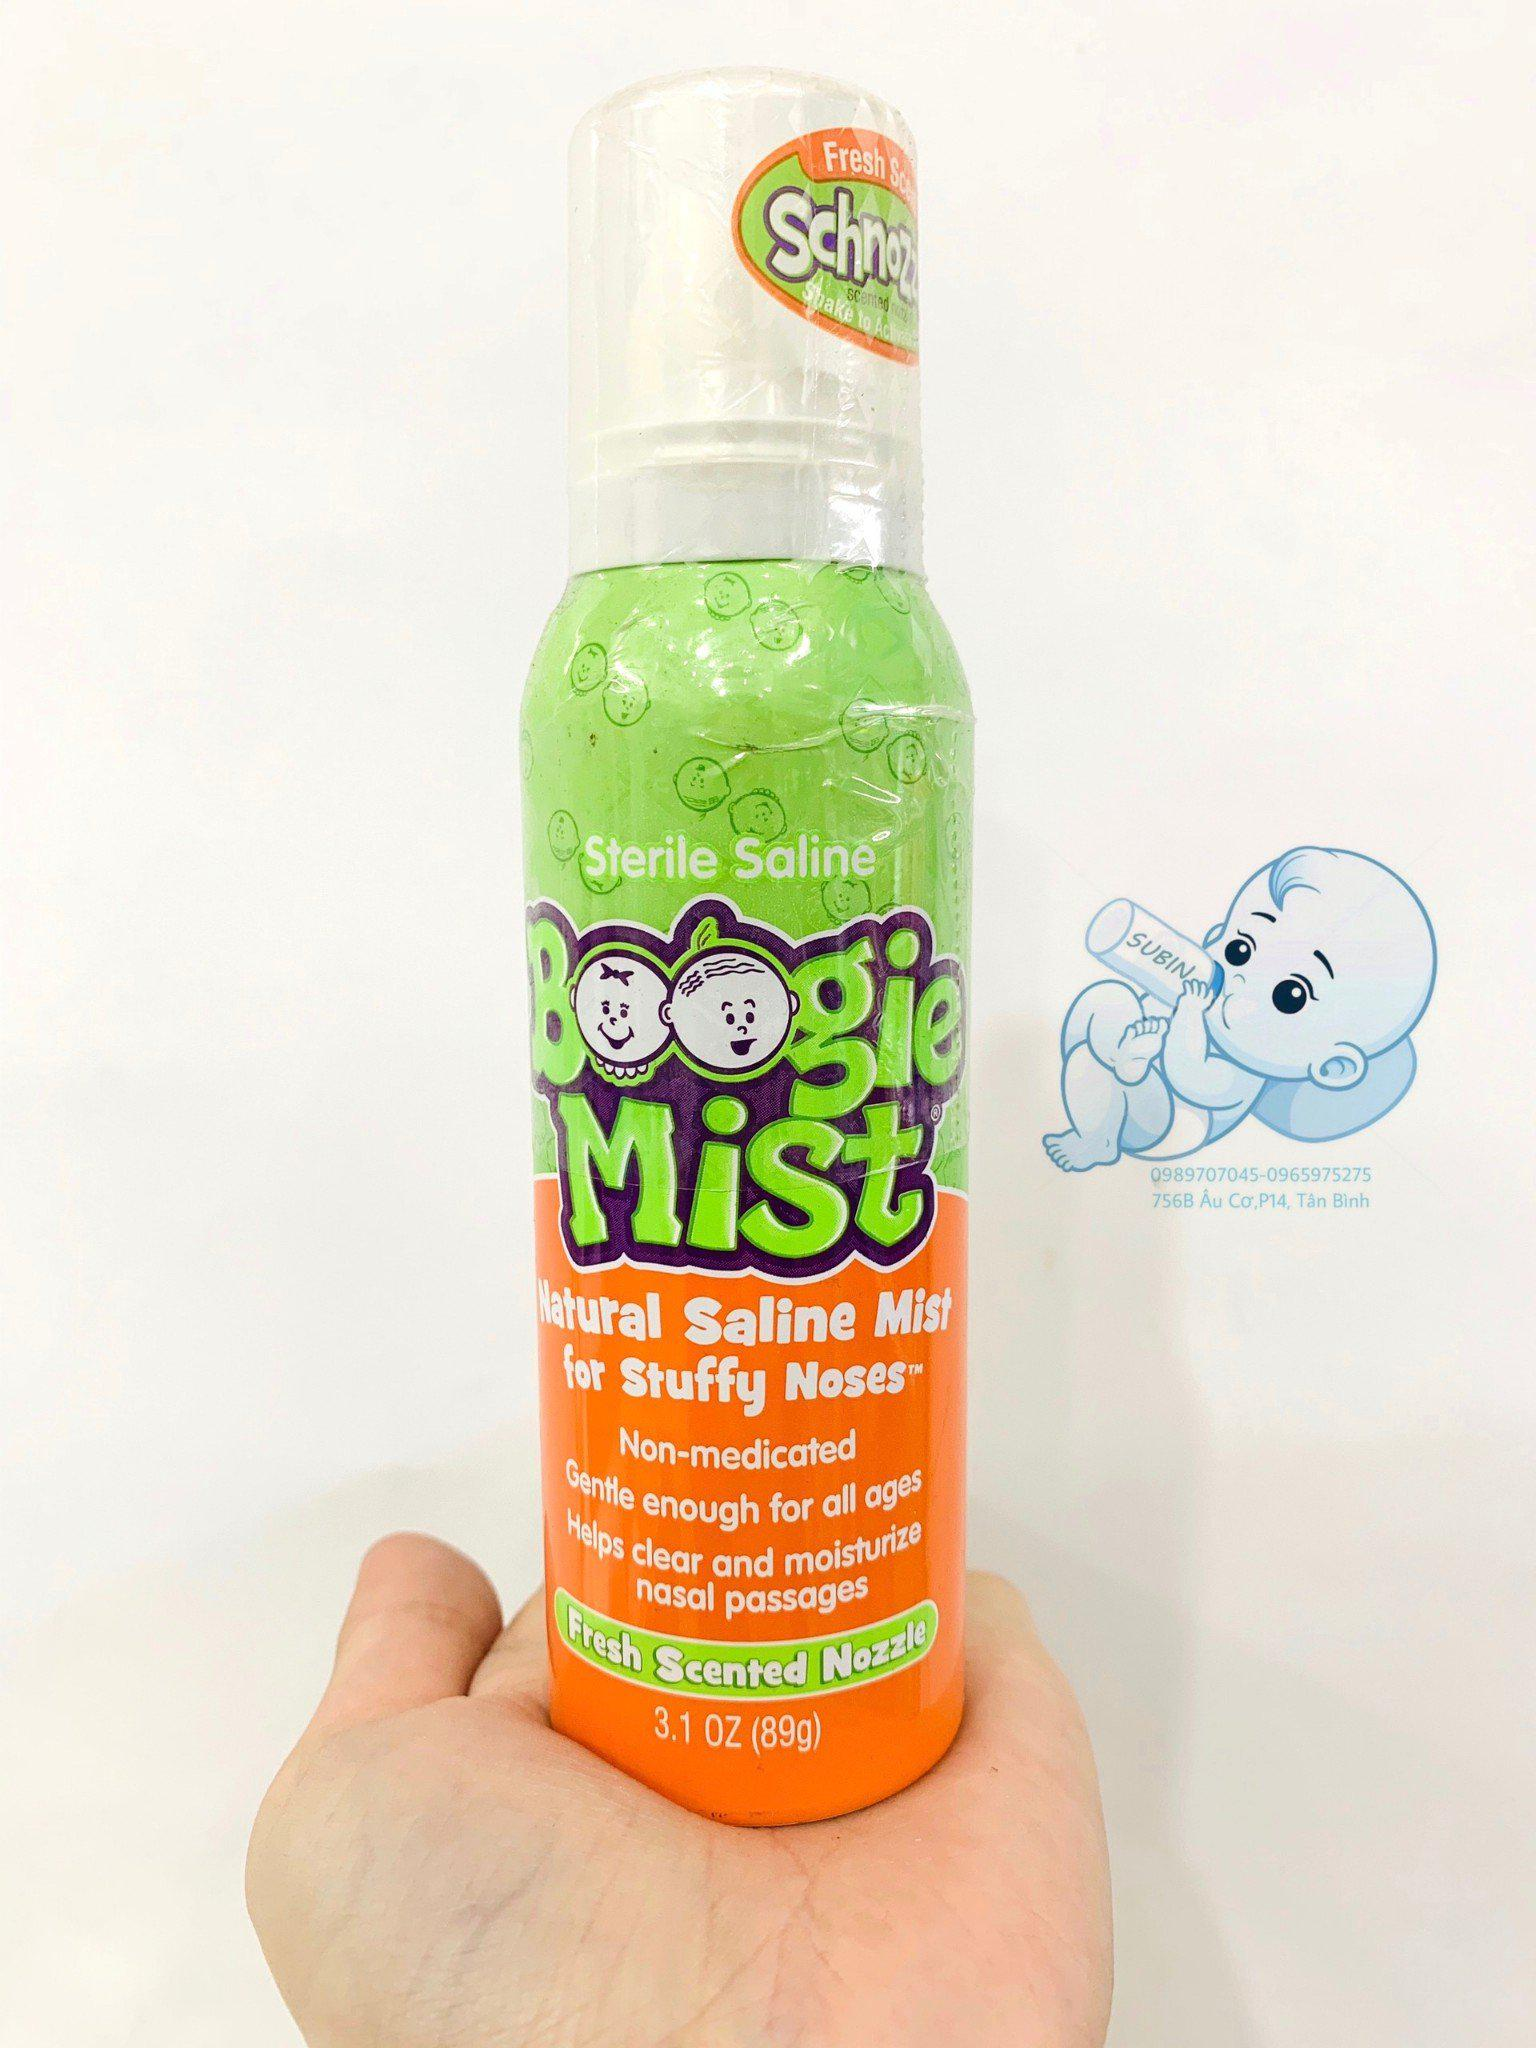 Xịt họng vô trùng Boogie Mist cho trẻ sơ sinh và trẻ nhỏ